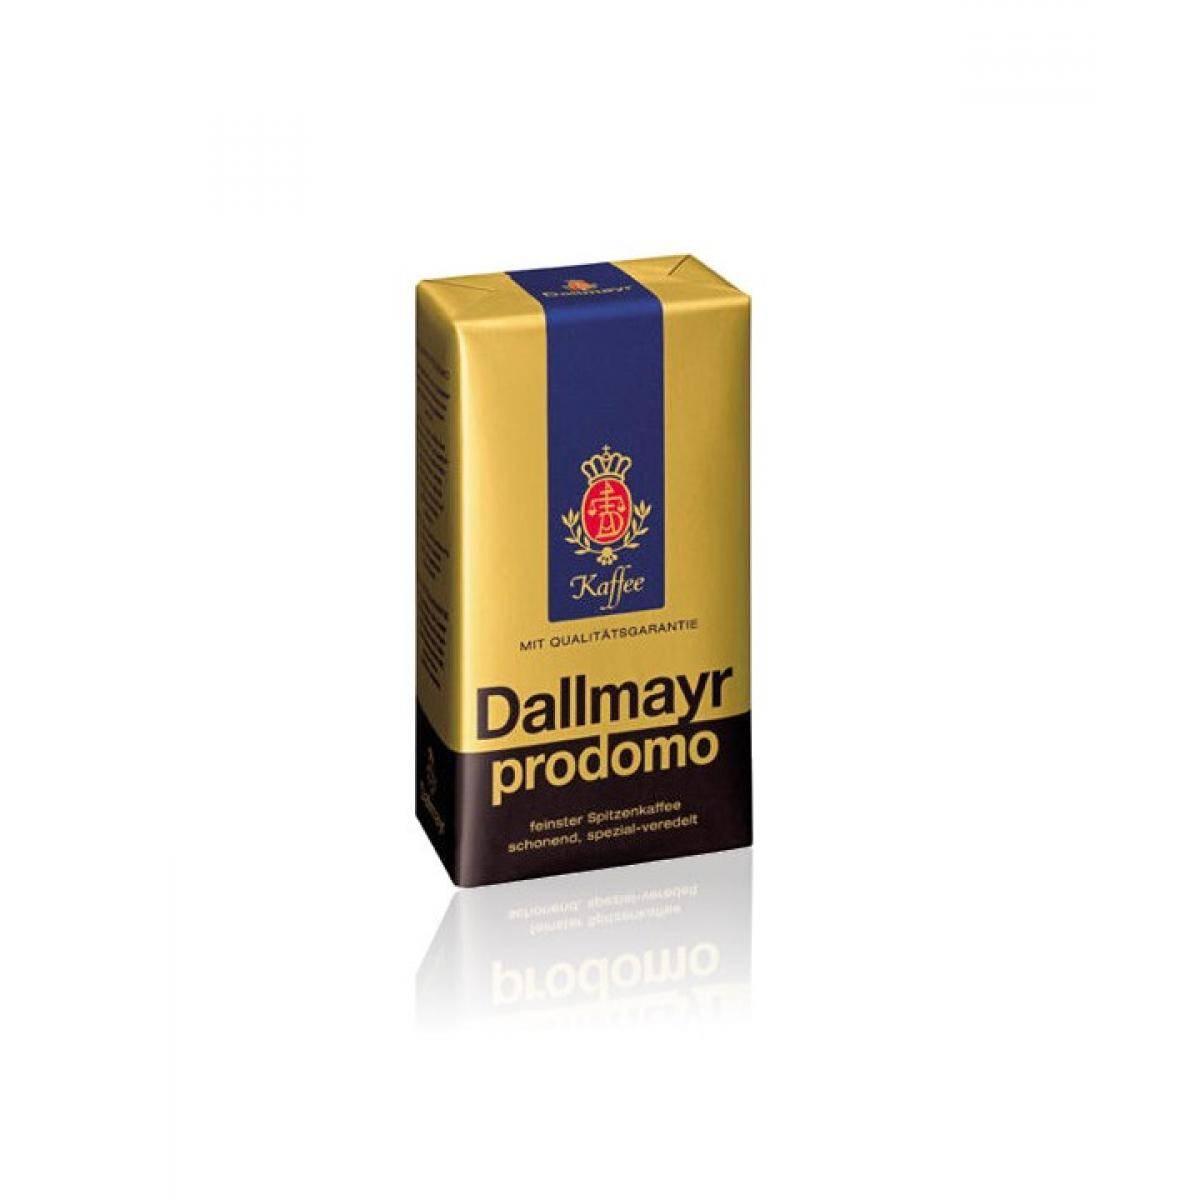 Кофе даллмайер. ассортимент кофе dallmayr, цены и отзывы